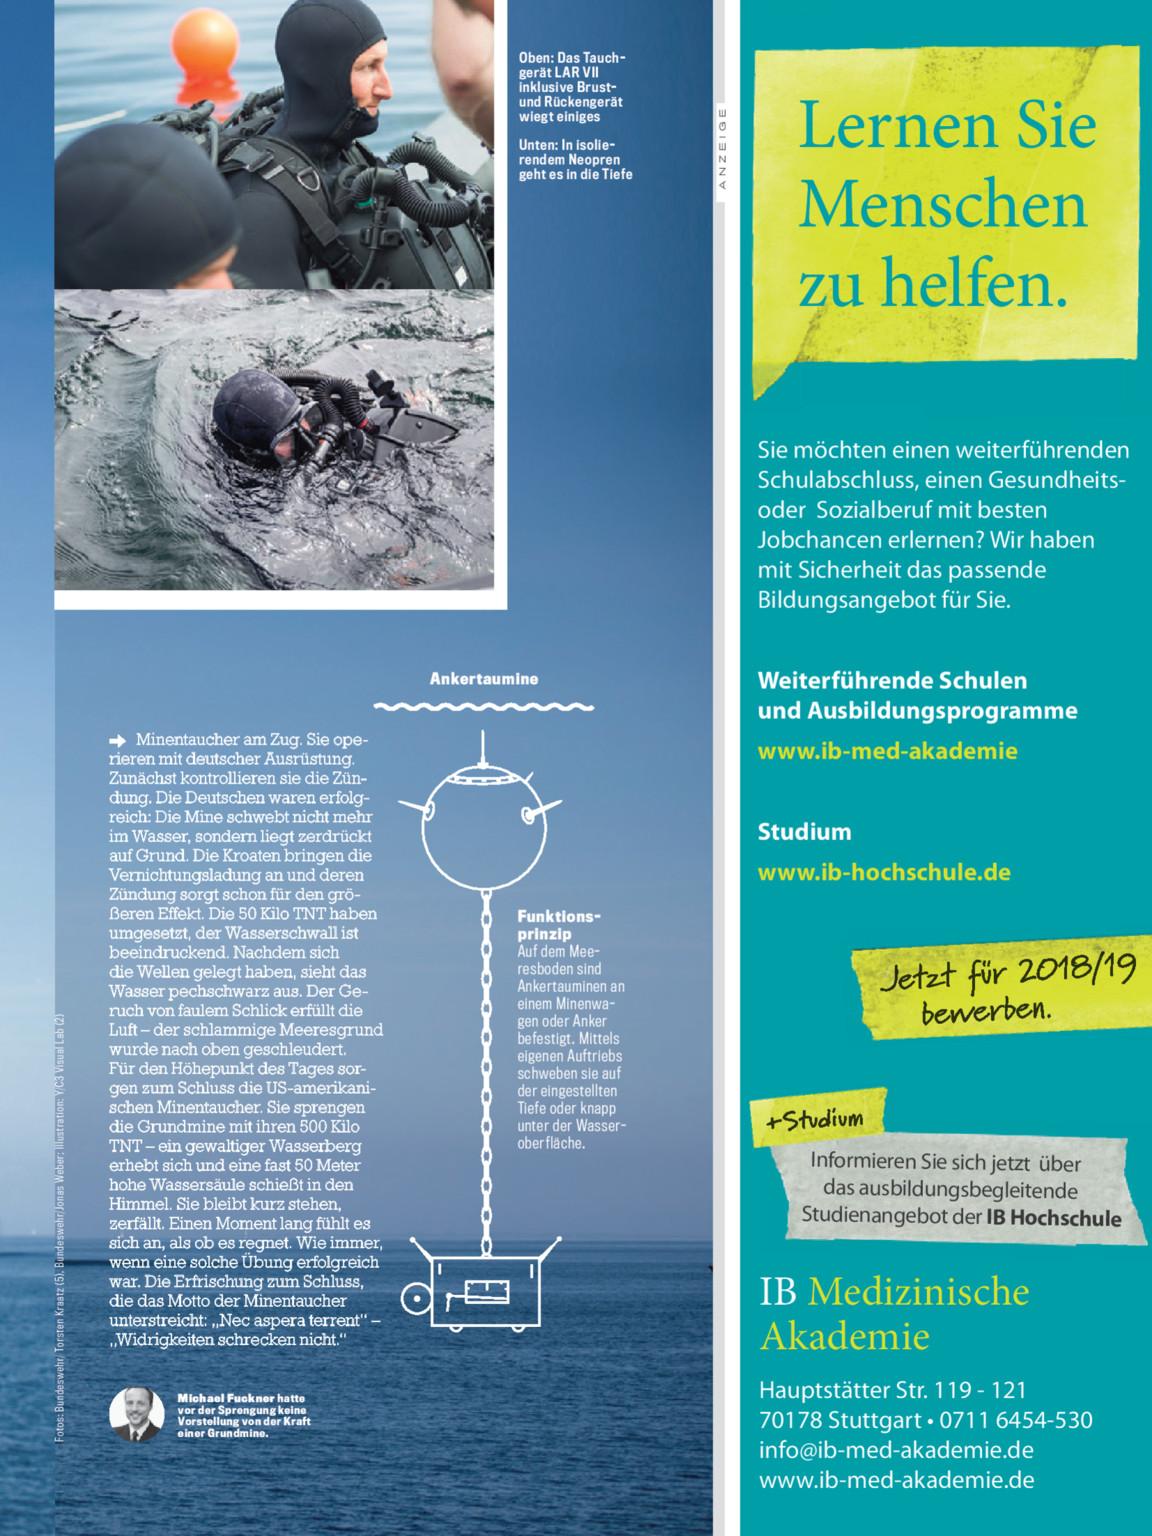 Y Magazin 0809 2018 Bundeswehr Media